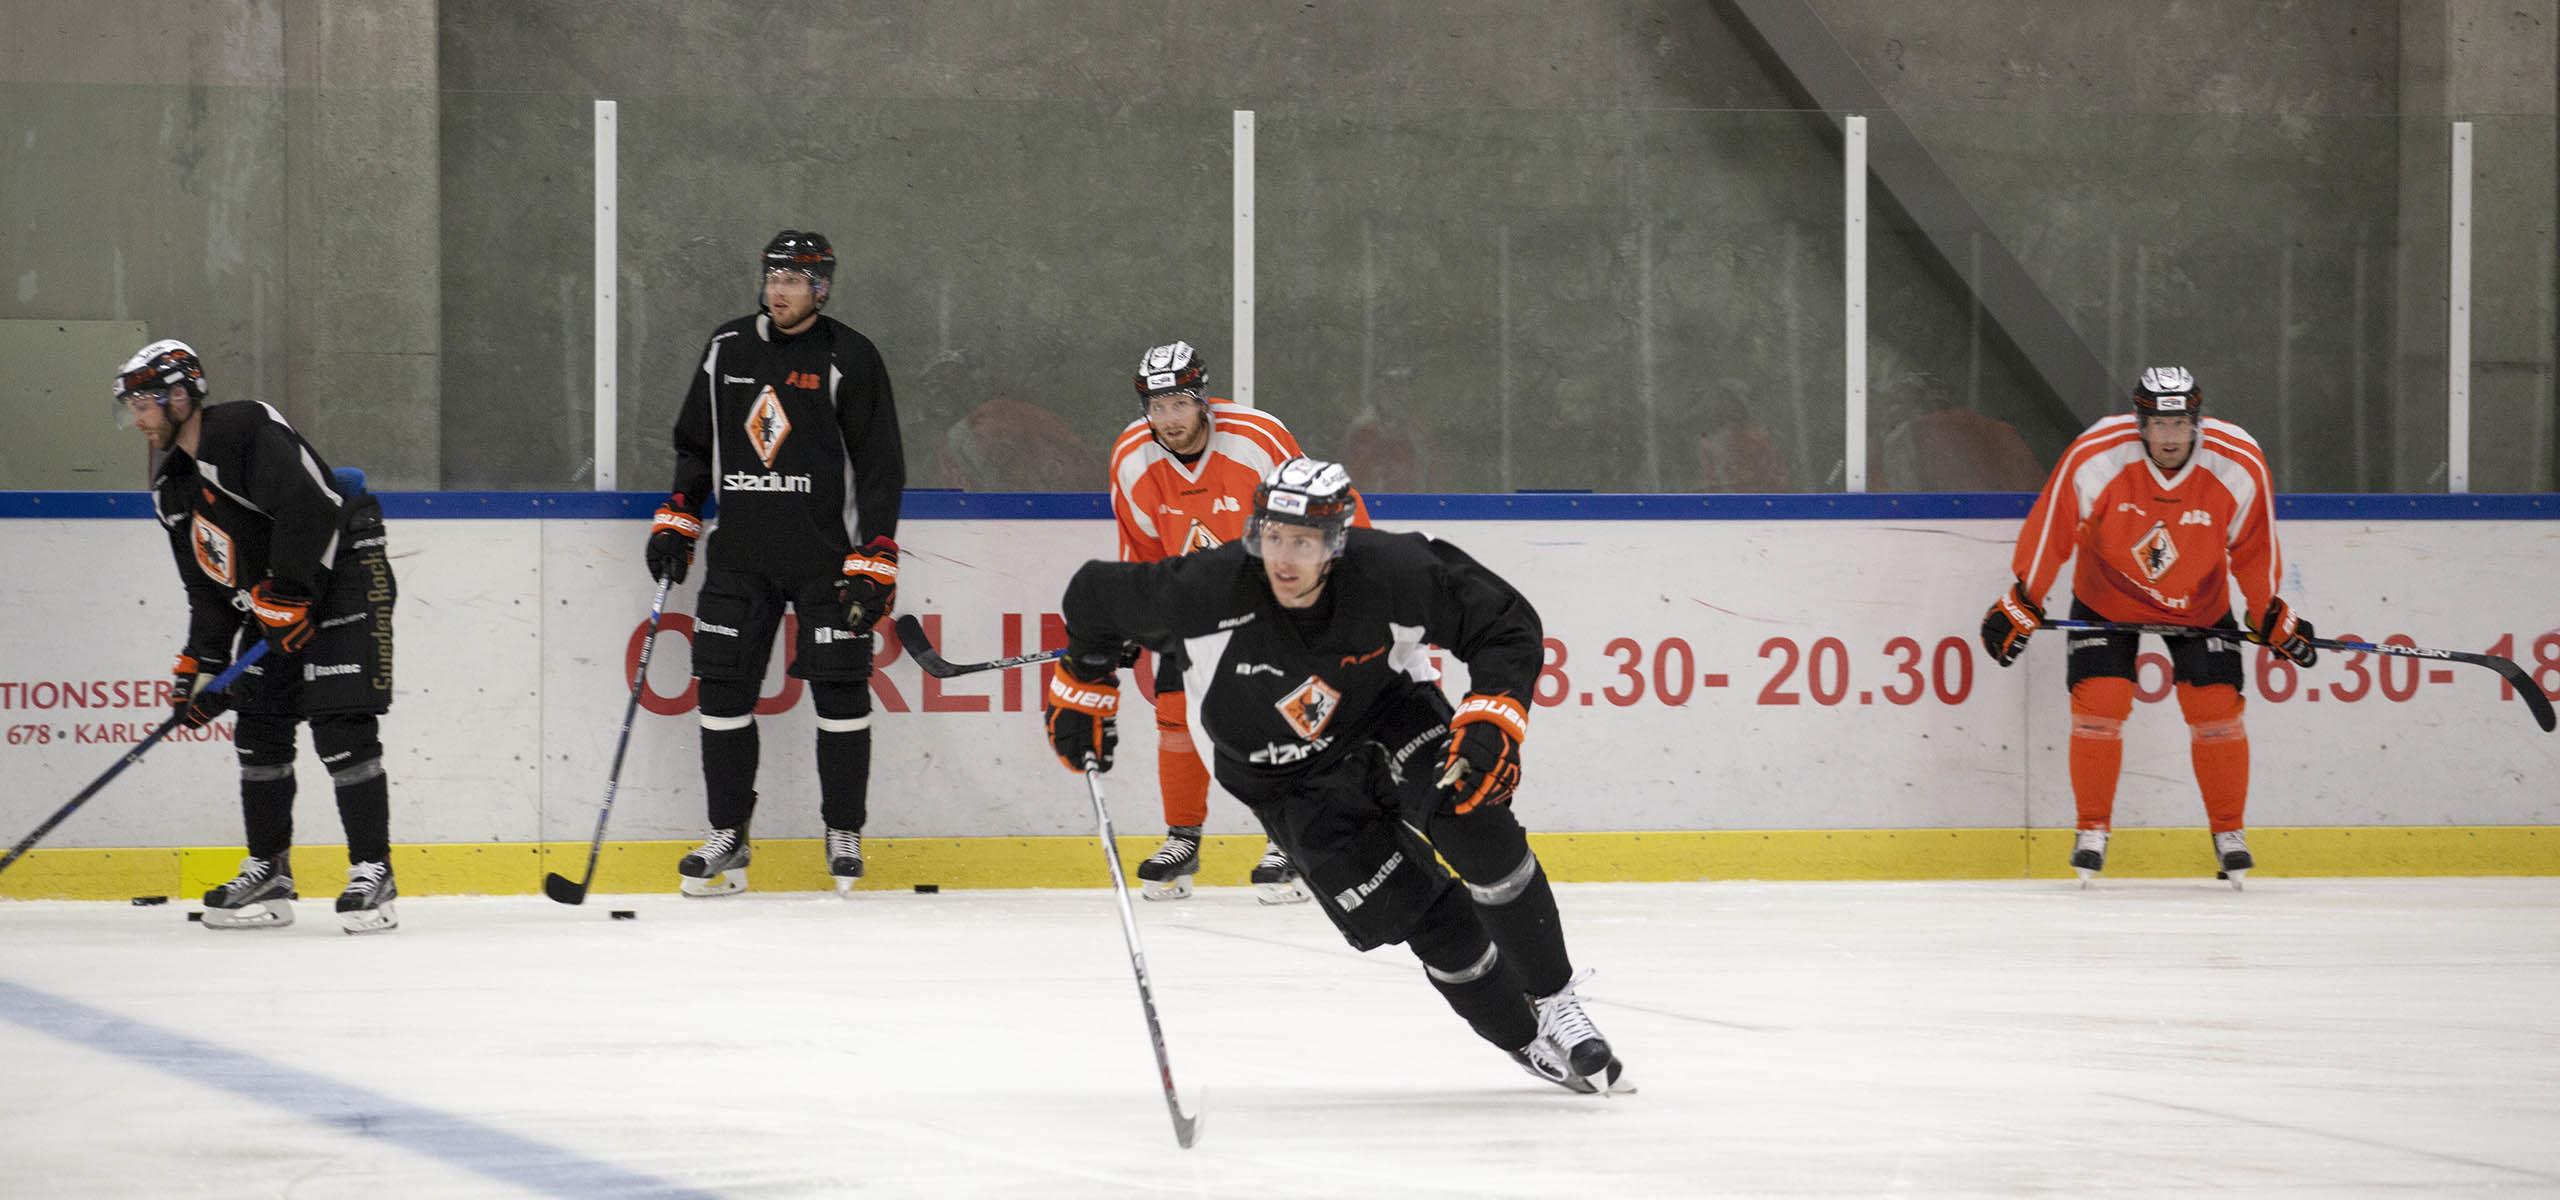 ishockeyspelare khk